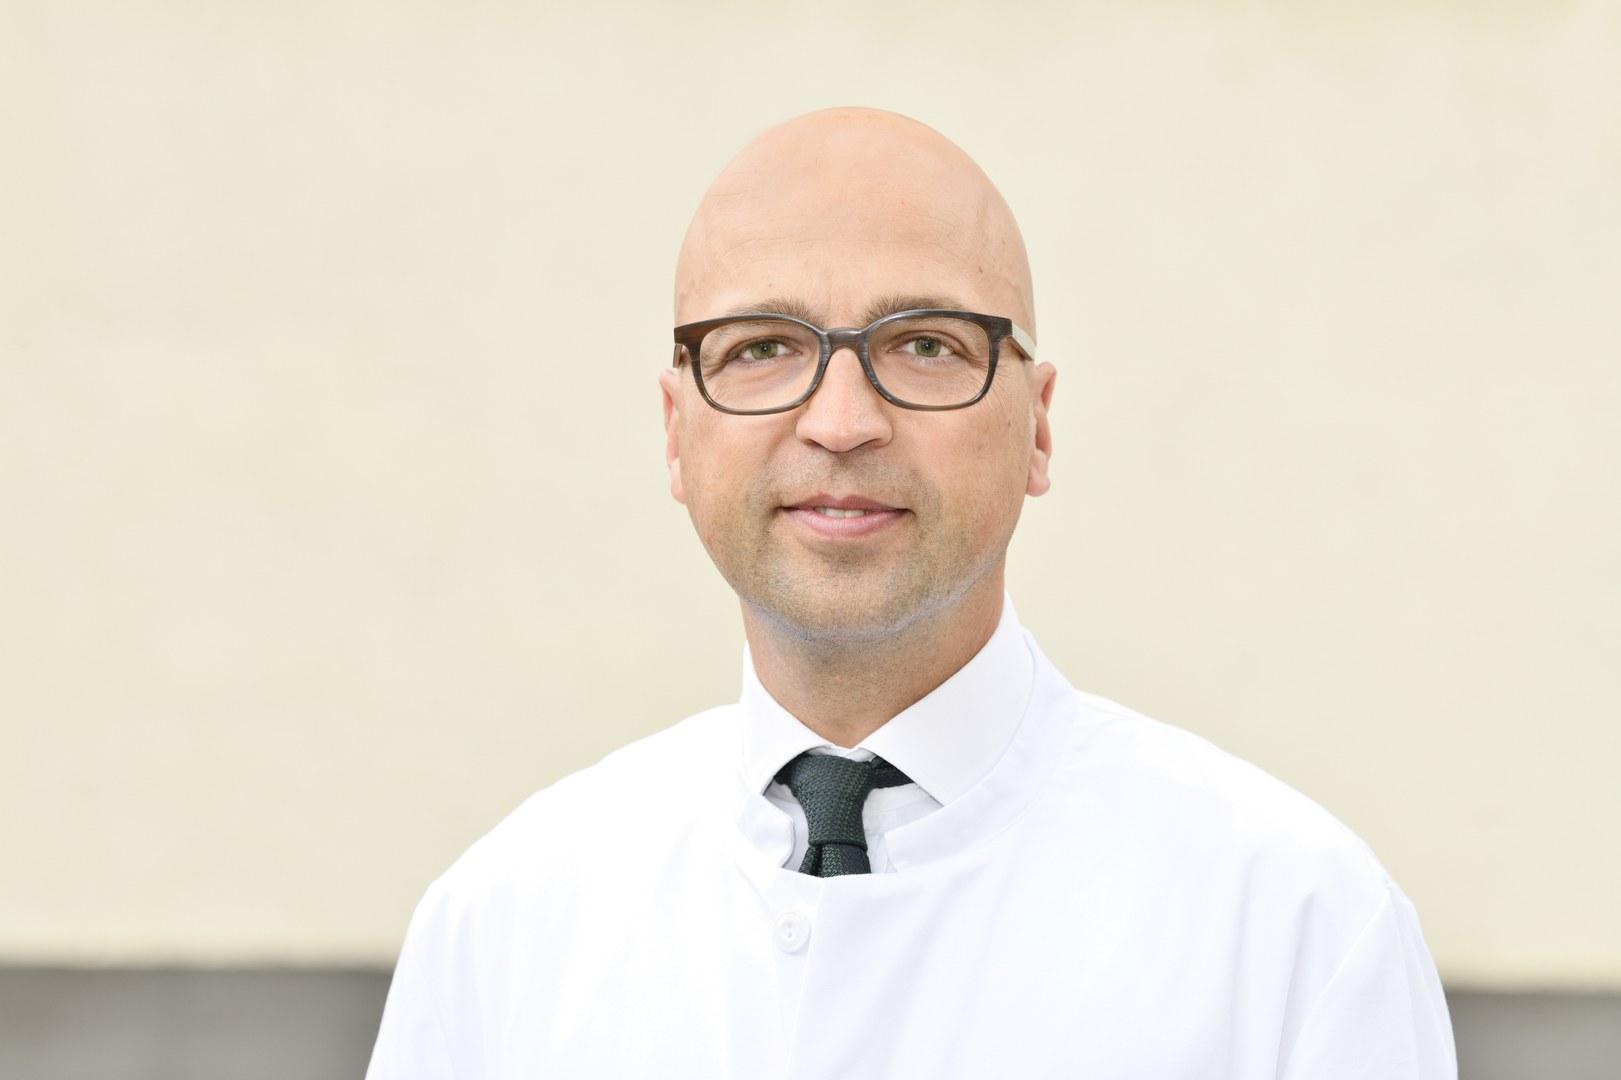 Neuer Direktor der Gynäkologie und Gynäkologischen Onkologie am UKB: